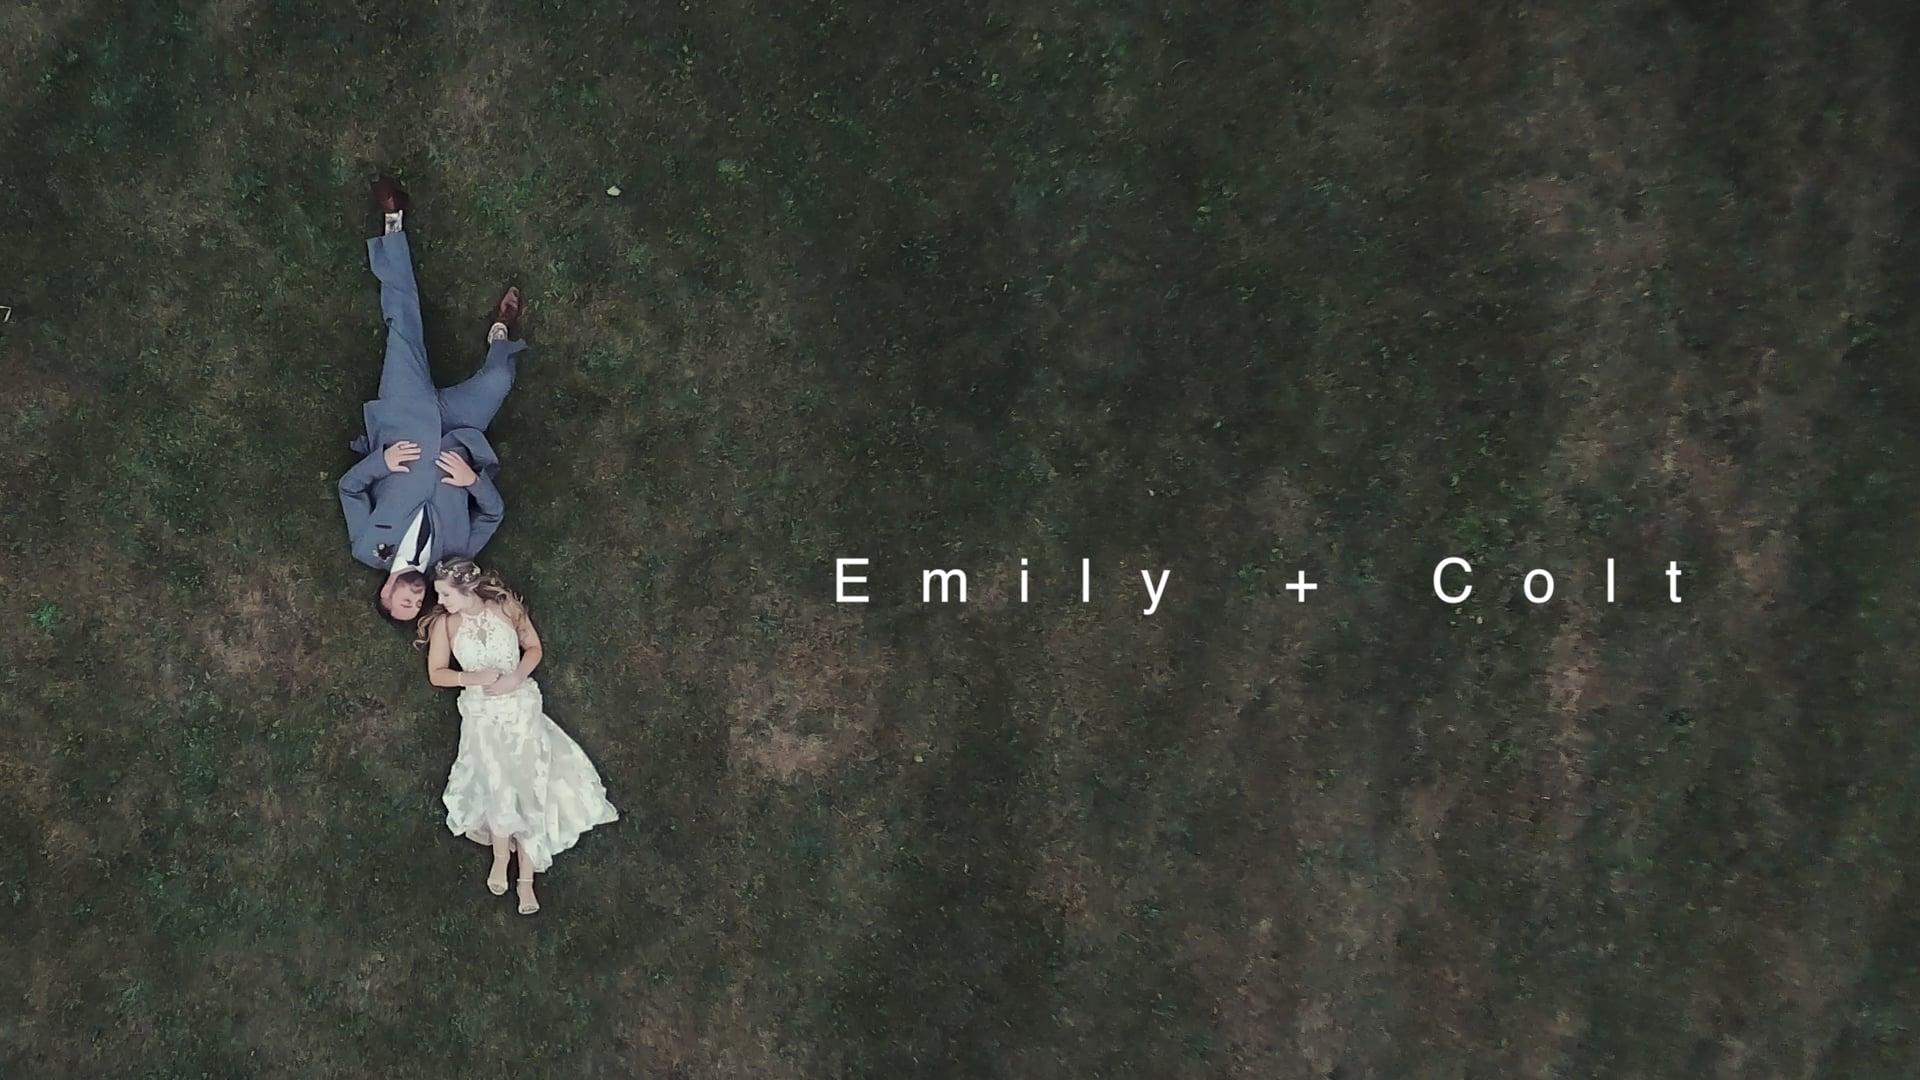 Emily & Colt Wedding Film (cinematic wedding trailer)